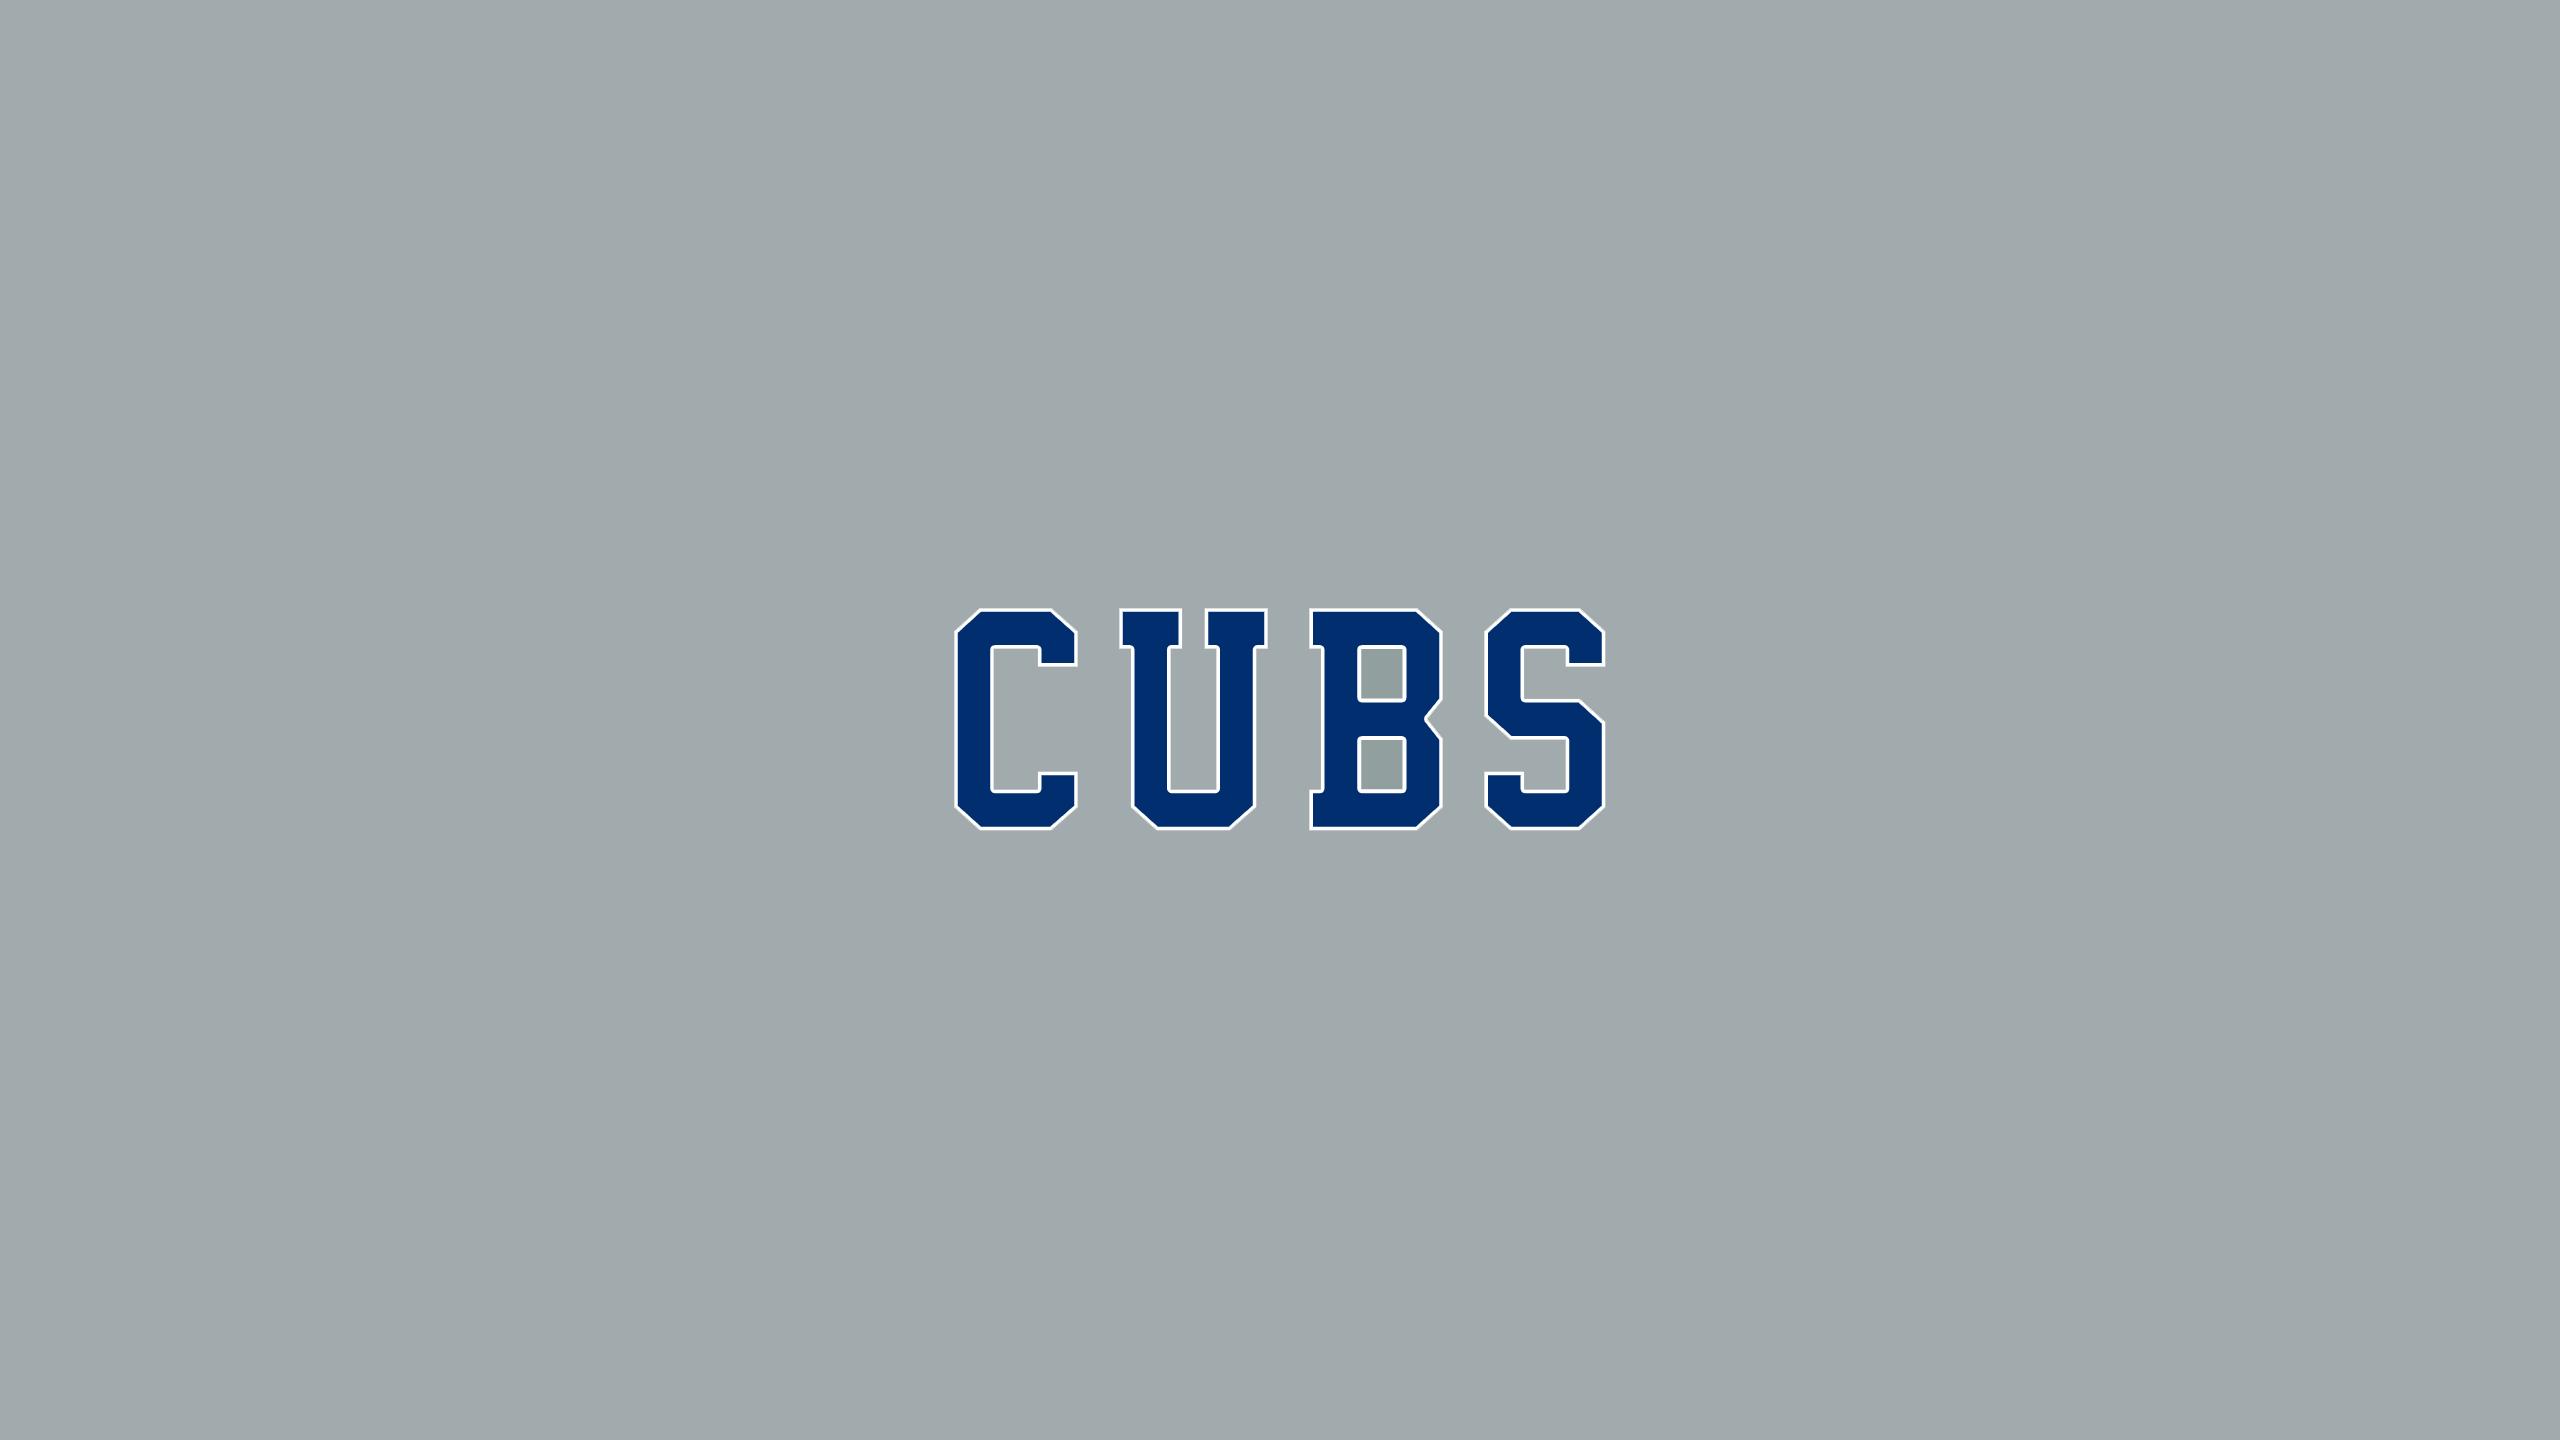 Chicago Cubs (Away Wordmark)